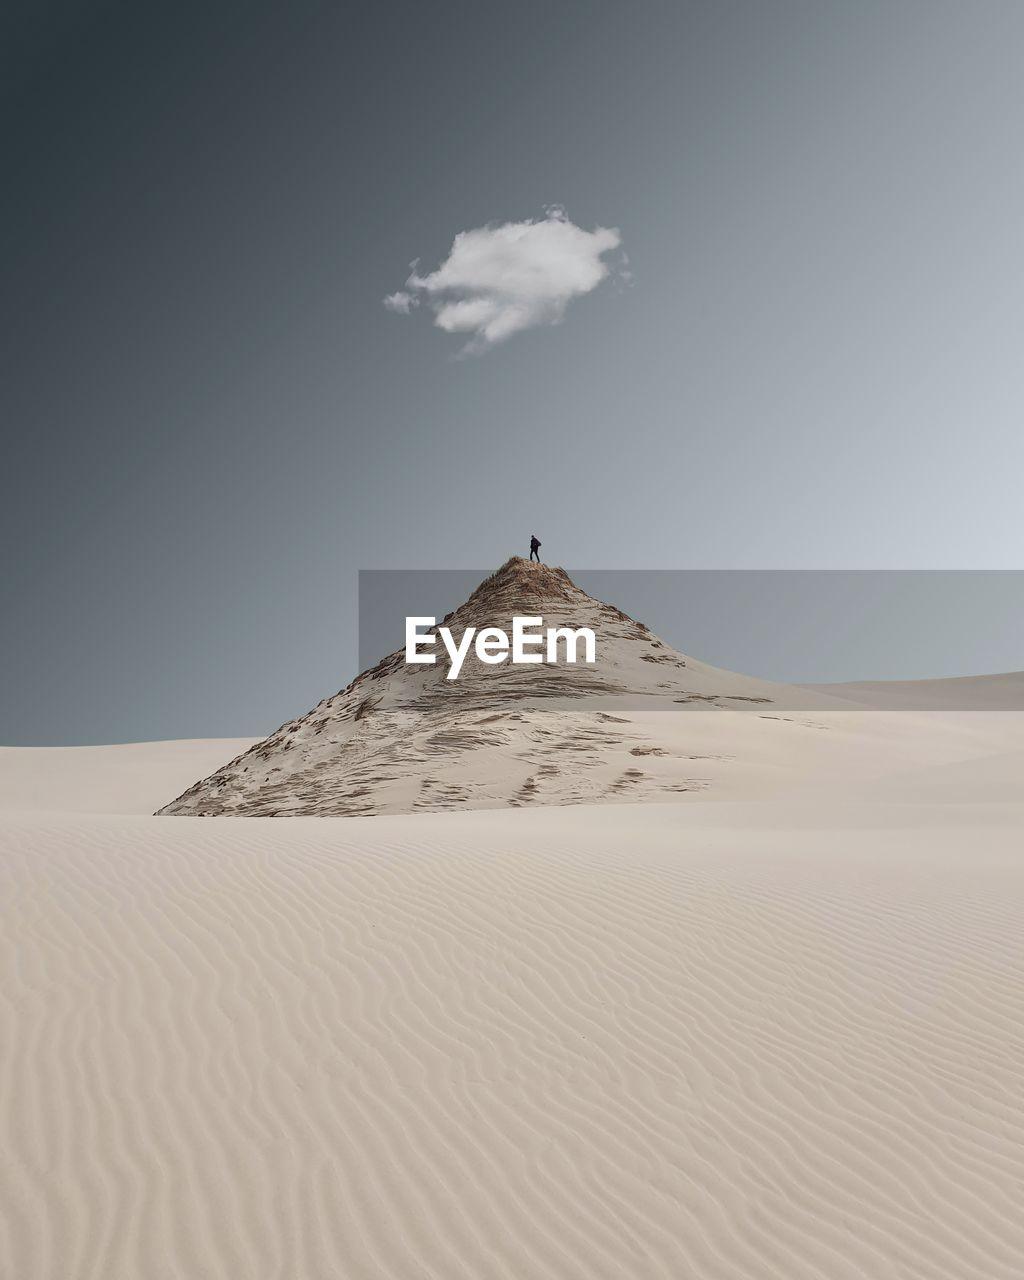 Sand dune at desert against sky